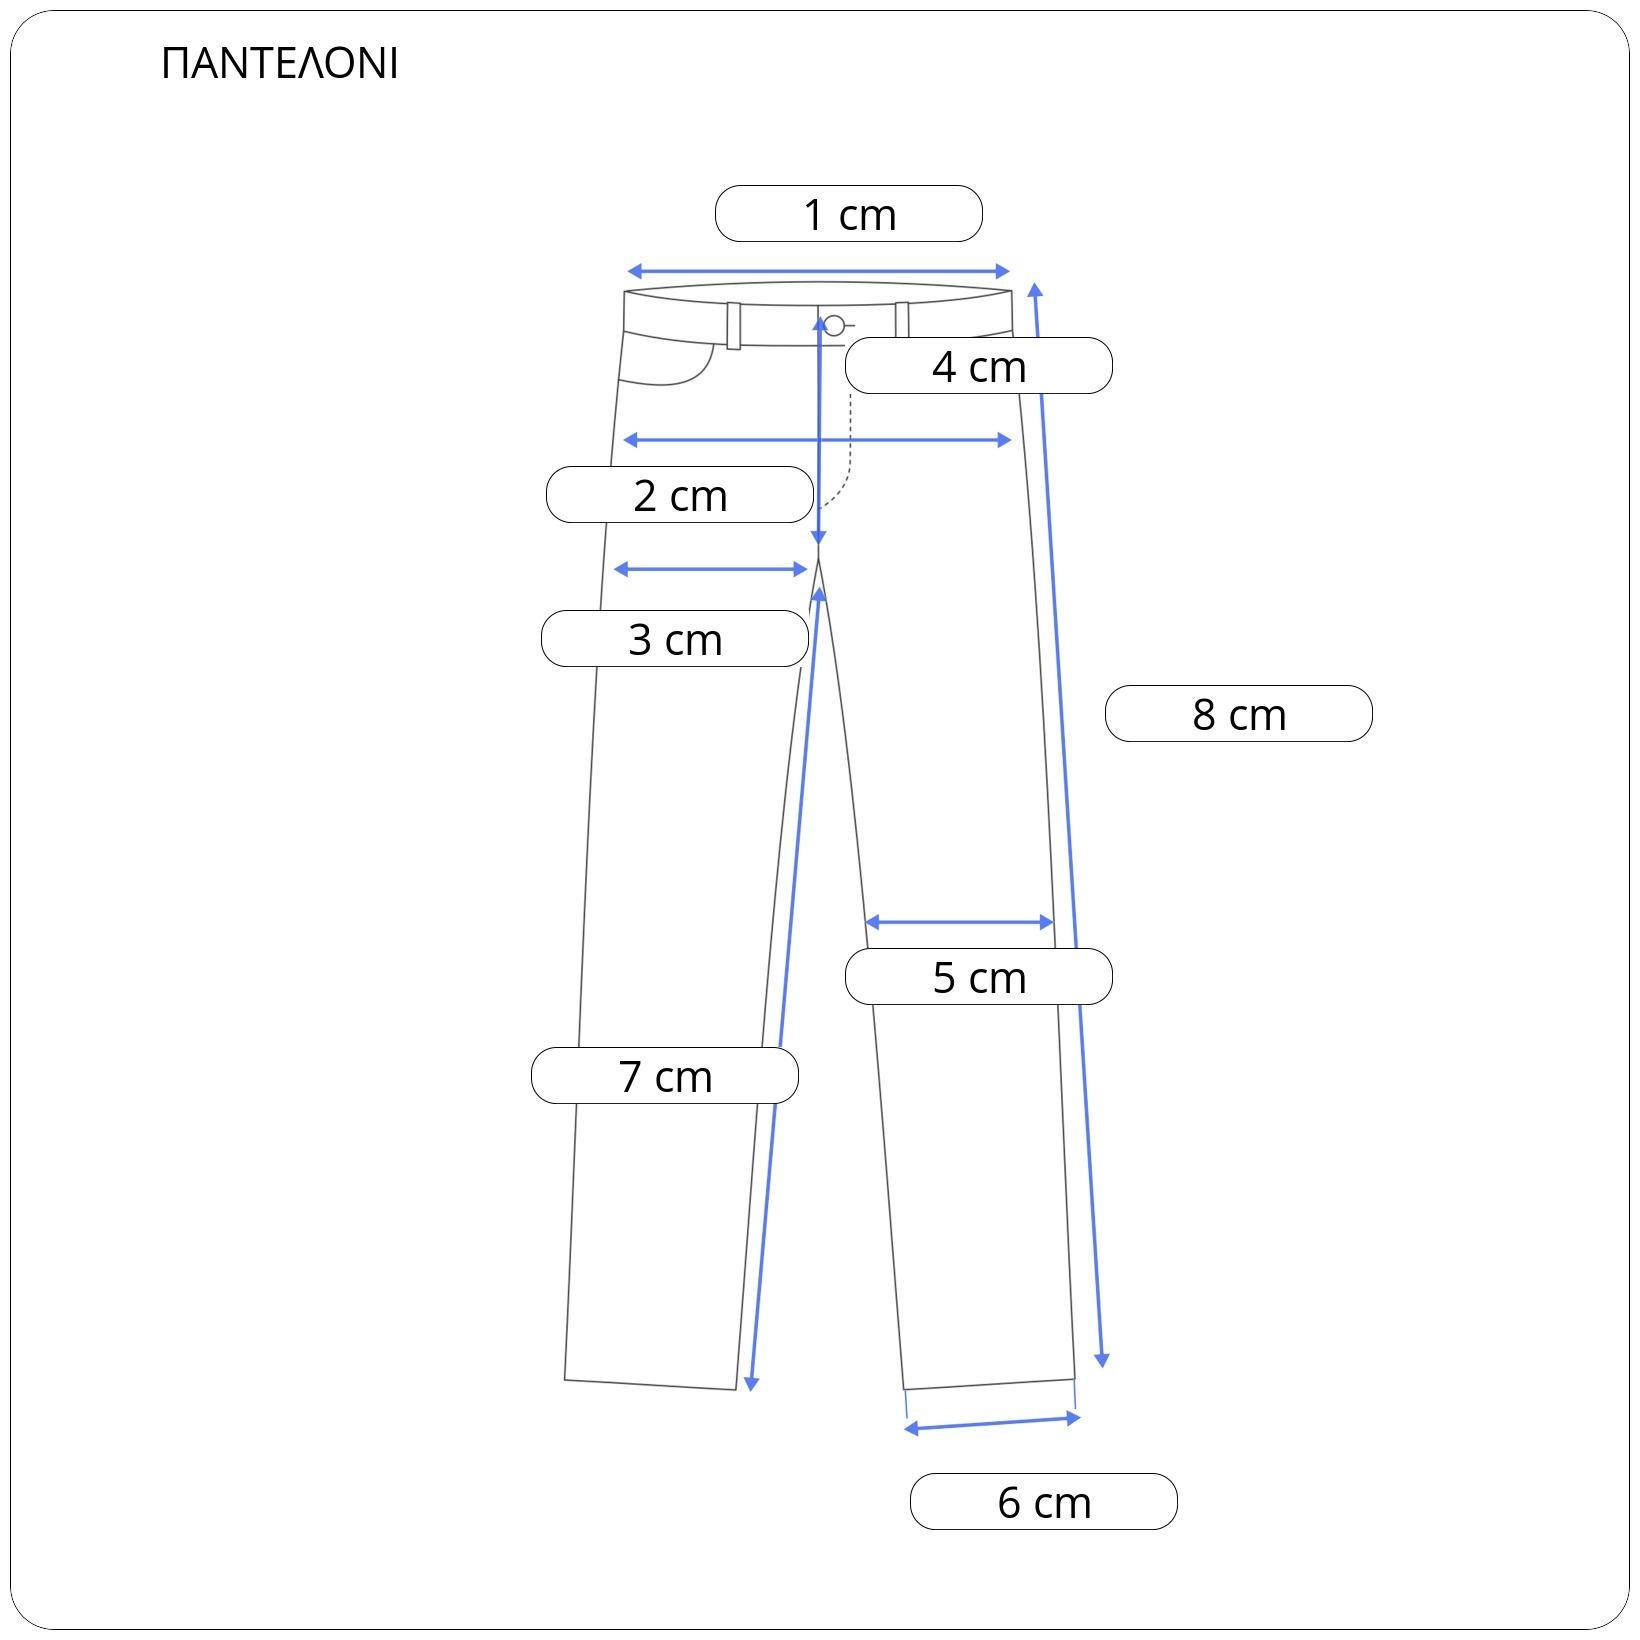 Ανδρική Φόρμα Φούτερ Μονόχρωμη Comfort Fit CLEVER (21720)